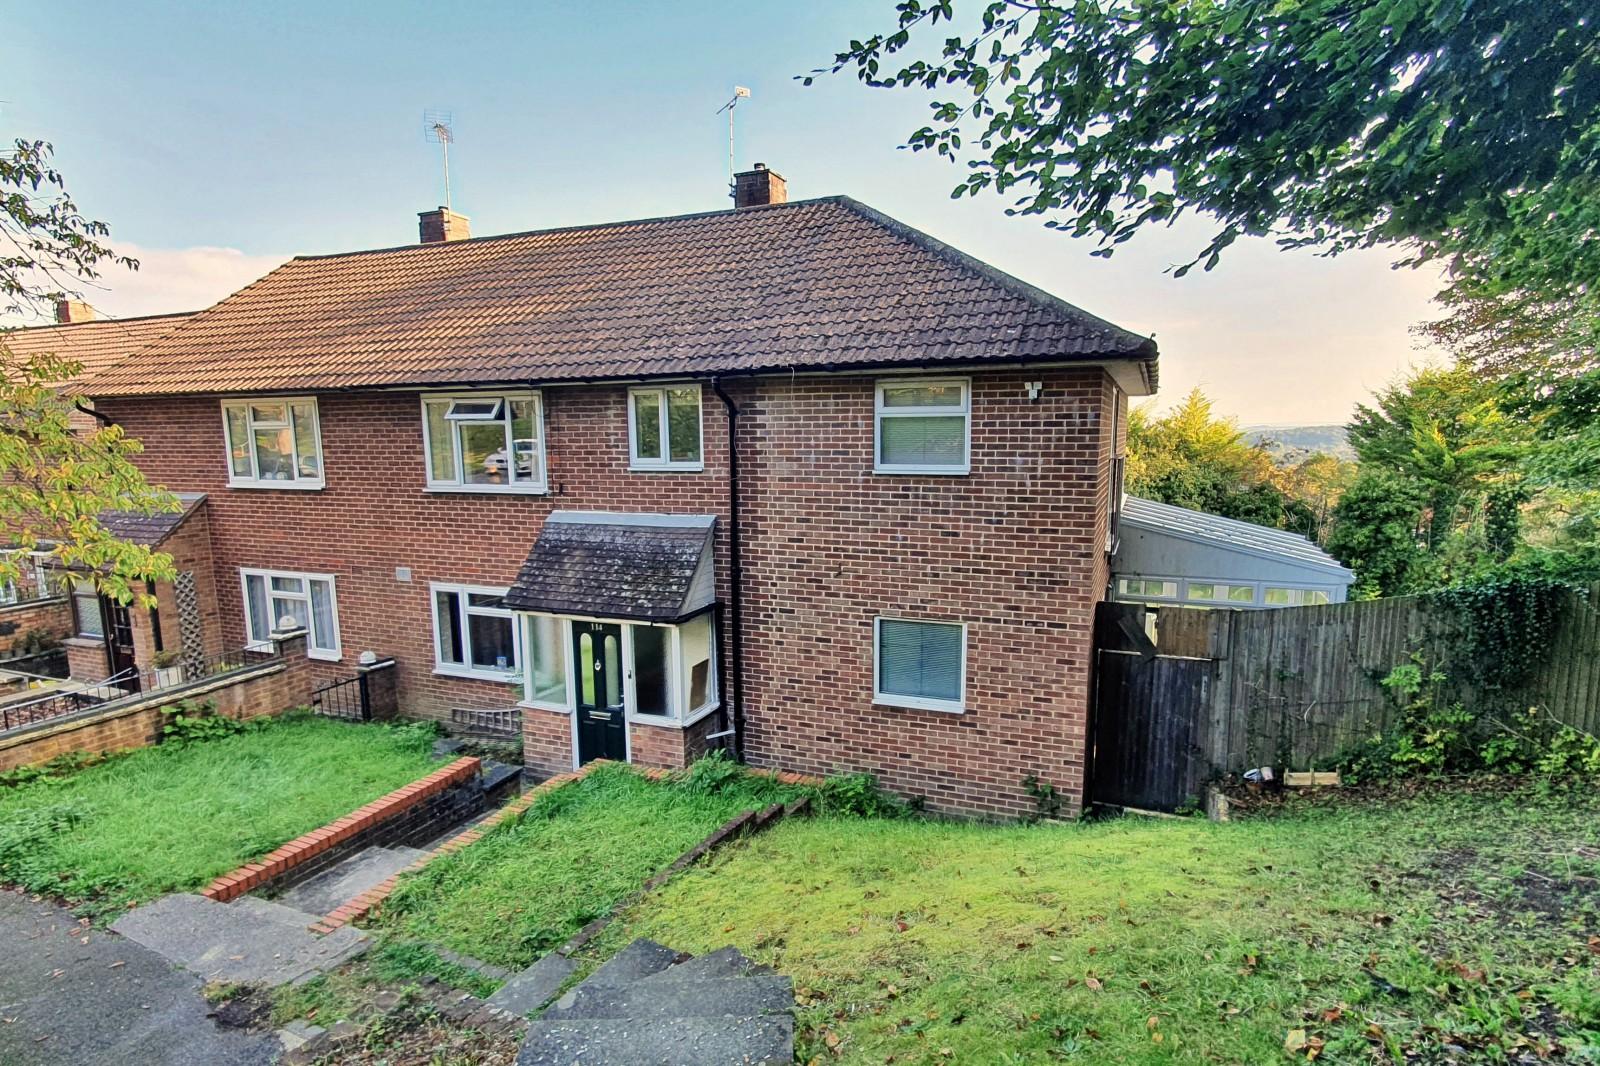 114 Walpole Road, Stanmore, Winchester SO22 4ES